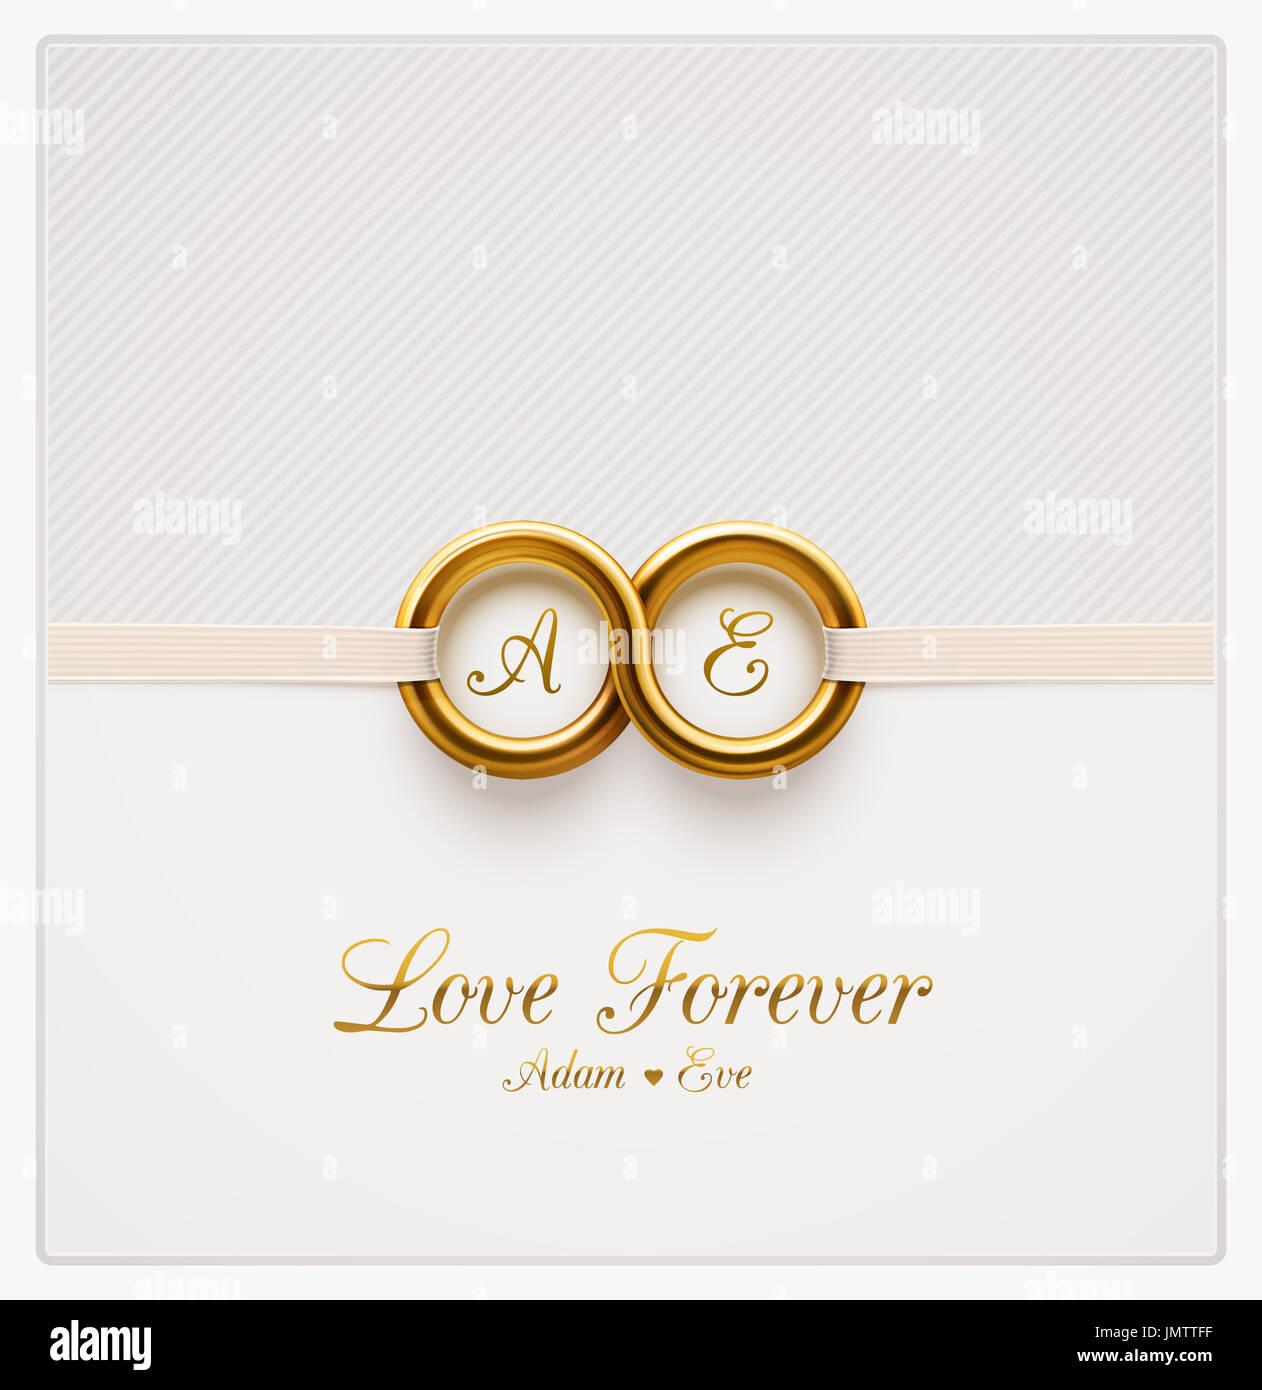 Amore per sempre, invito a nozze, eps 10 Immagini Stock